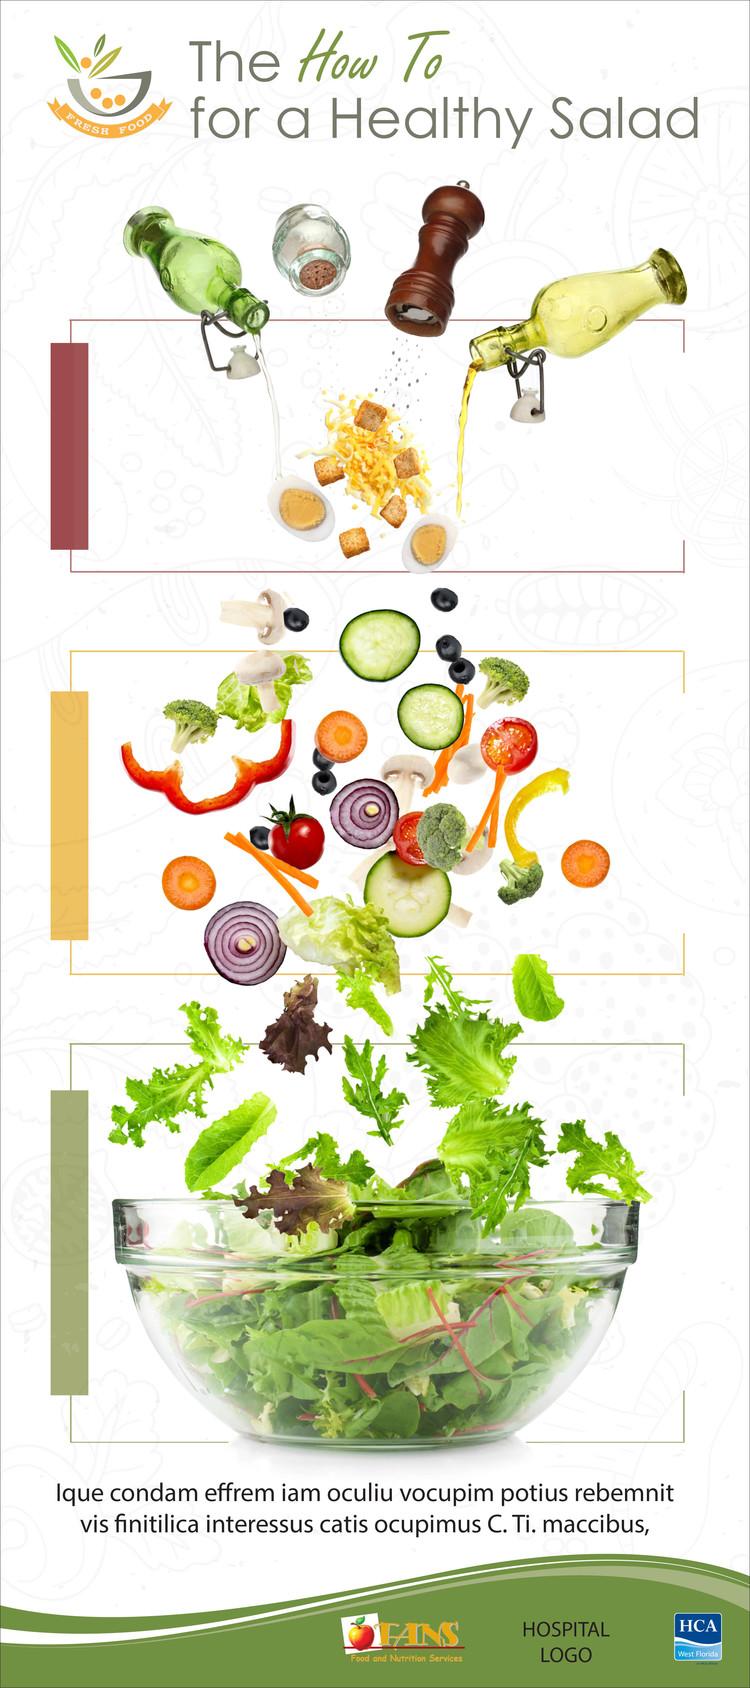 WFD+Good+Choices+Salad+Bar+Rack+Card+Tent+Card_PROOF-1.jpg